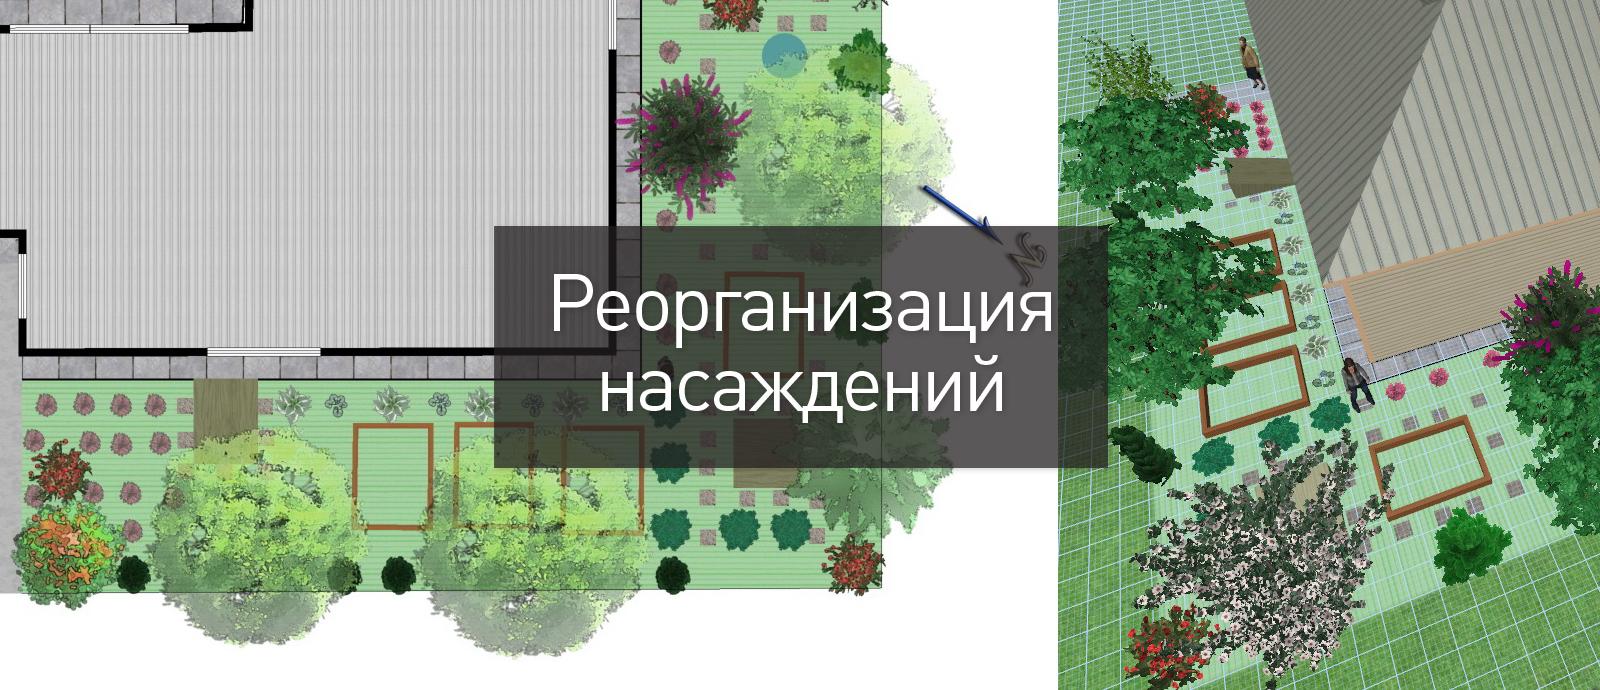 Реорганизация растений на существующем участке